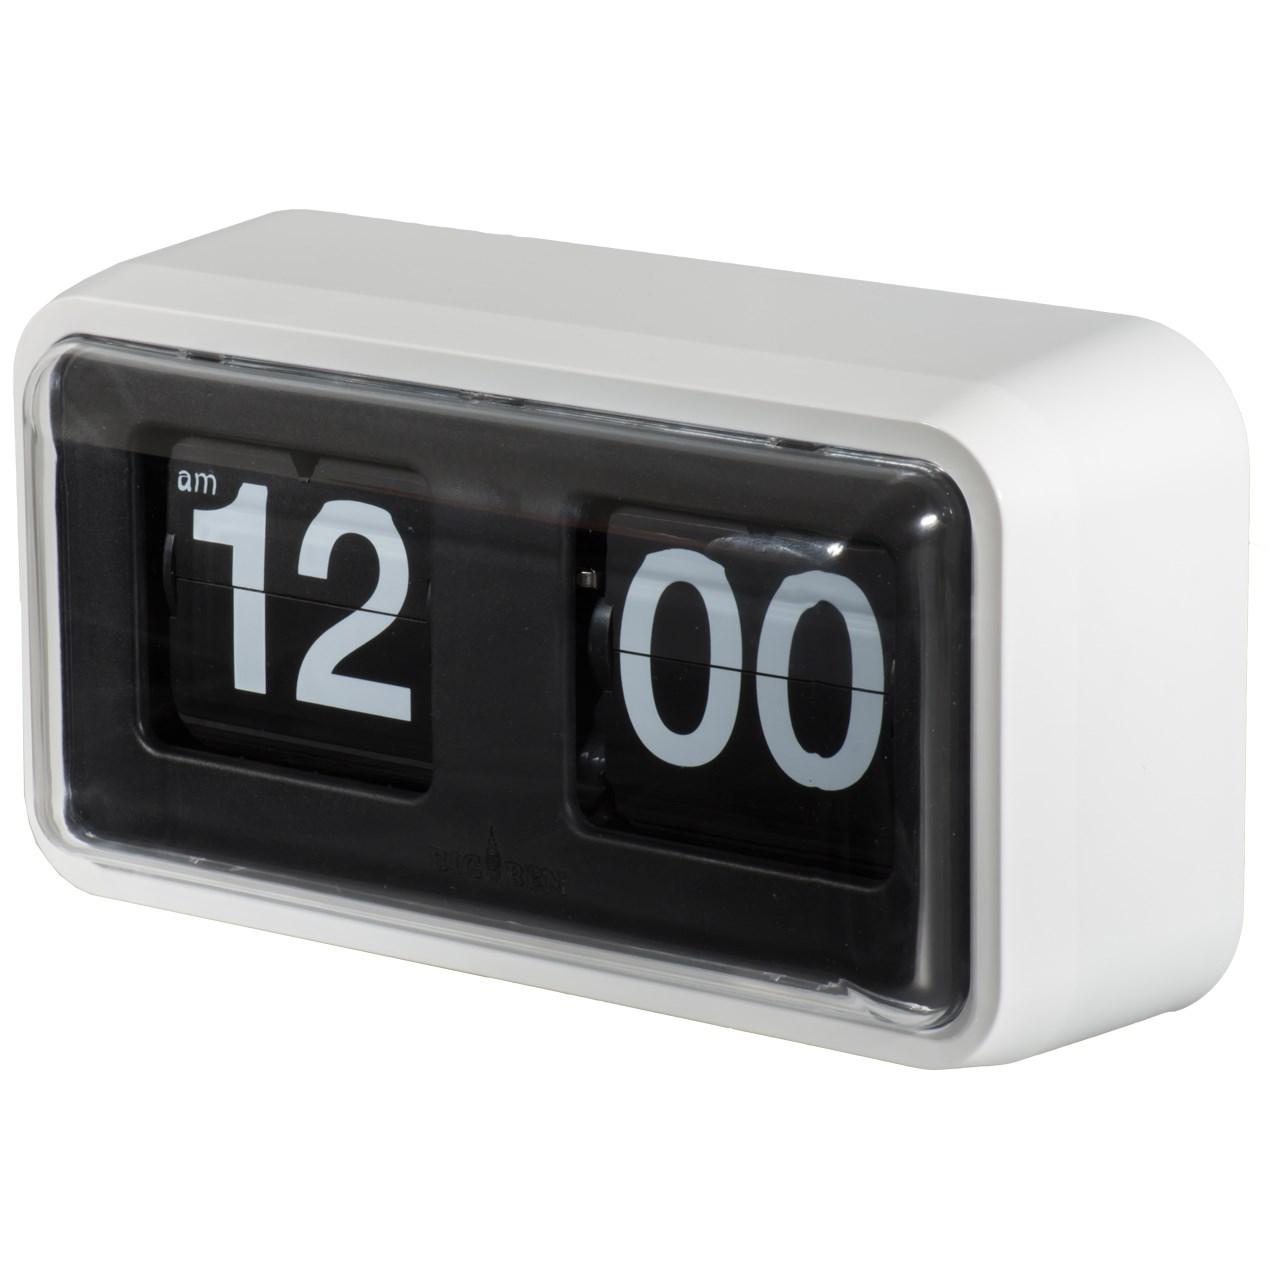 ساعت رومیزی بیگ بن مدل DF-330